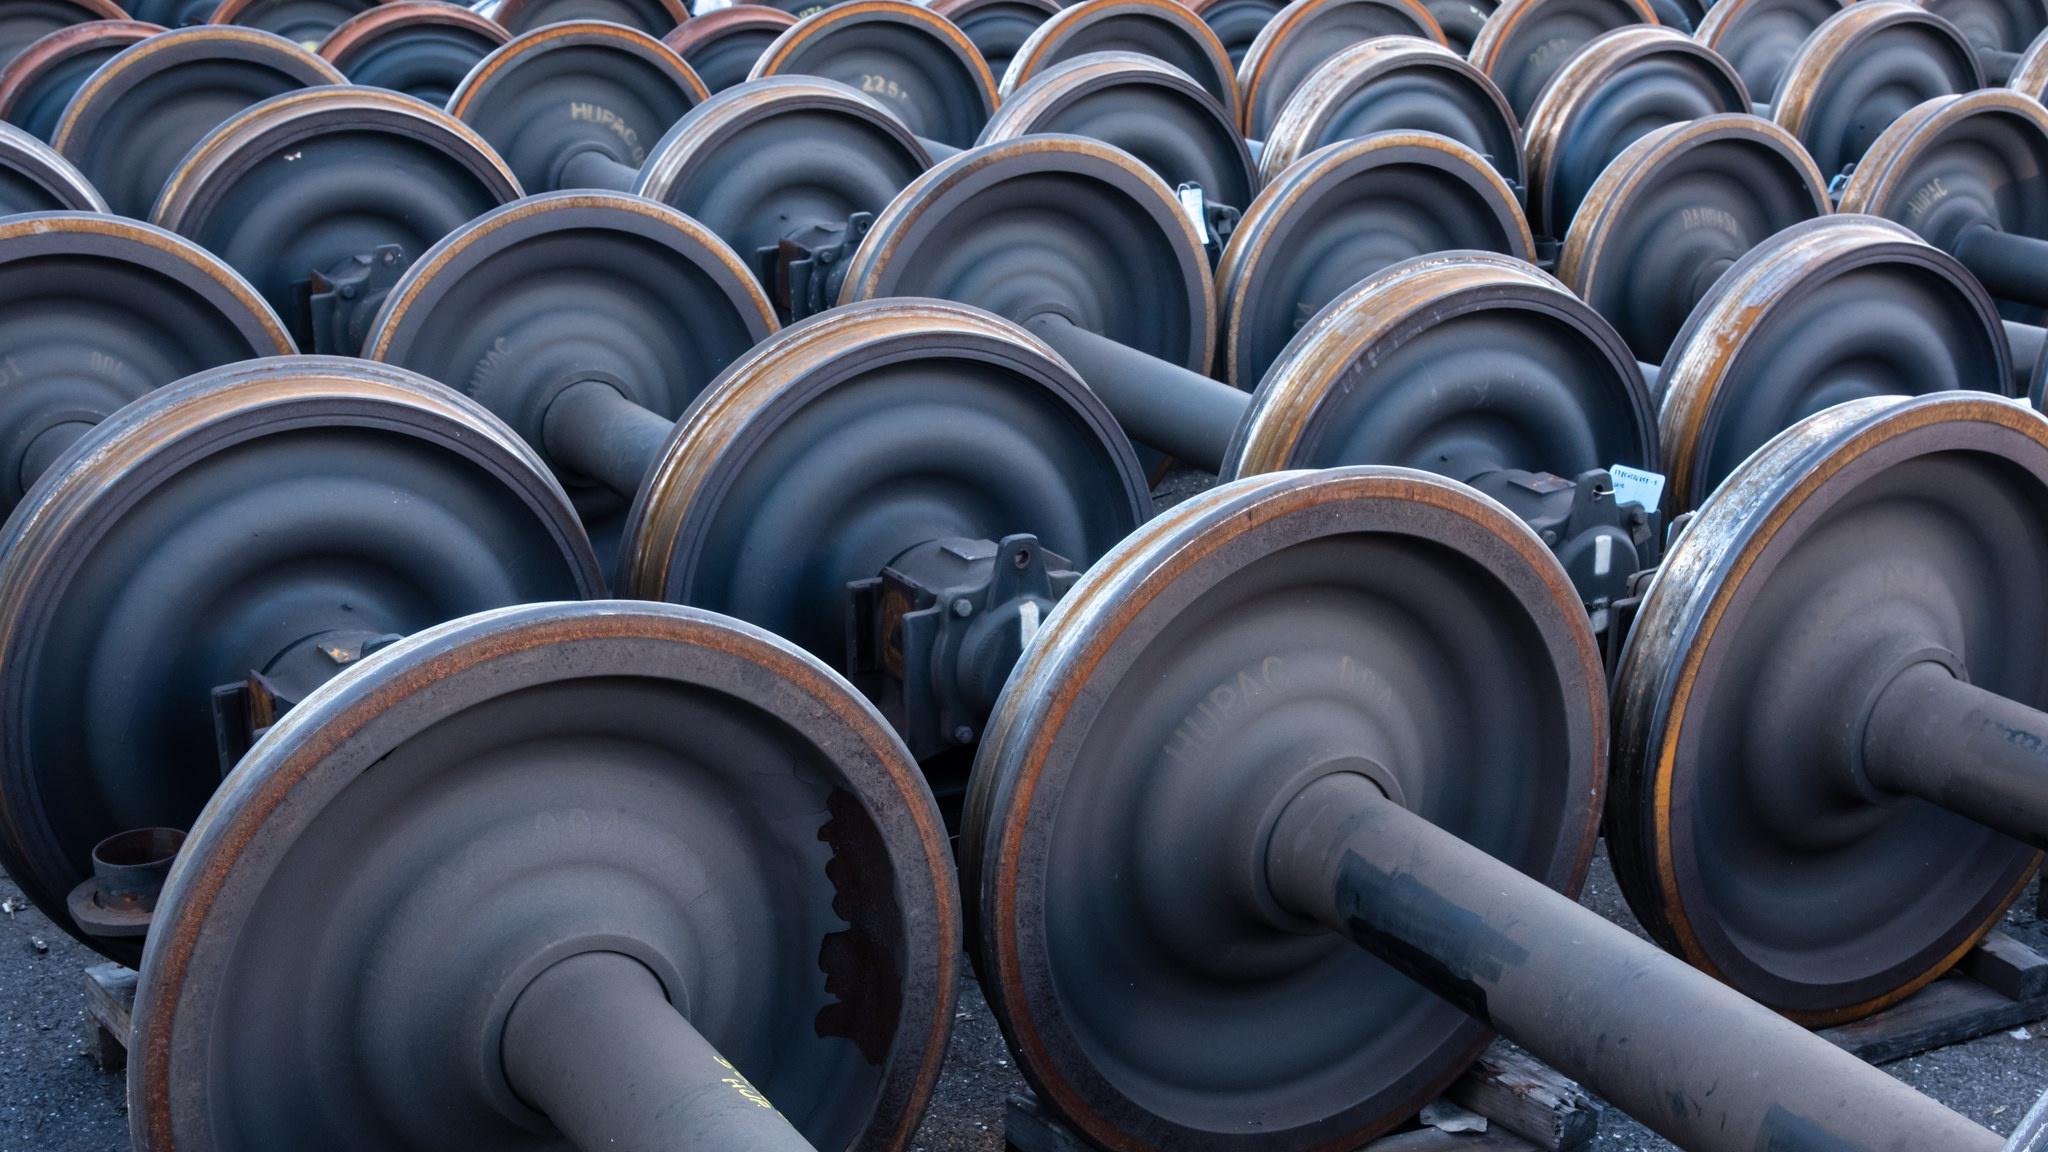 Fond Décran 2048x1152 Px Métal Cour Ferroviaire Roues